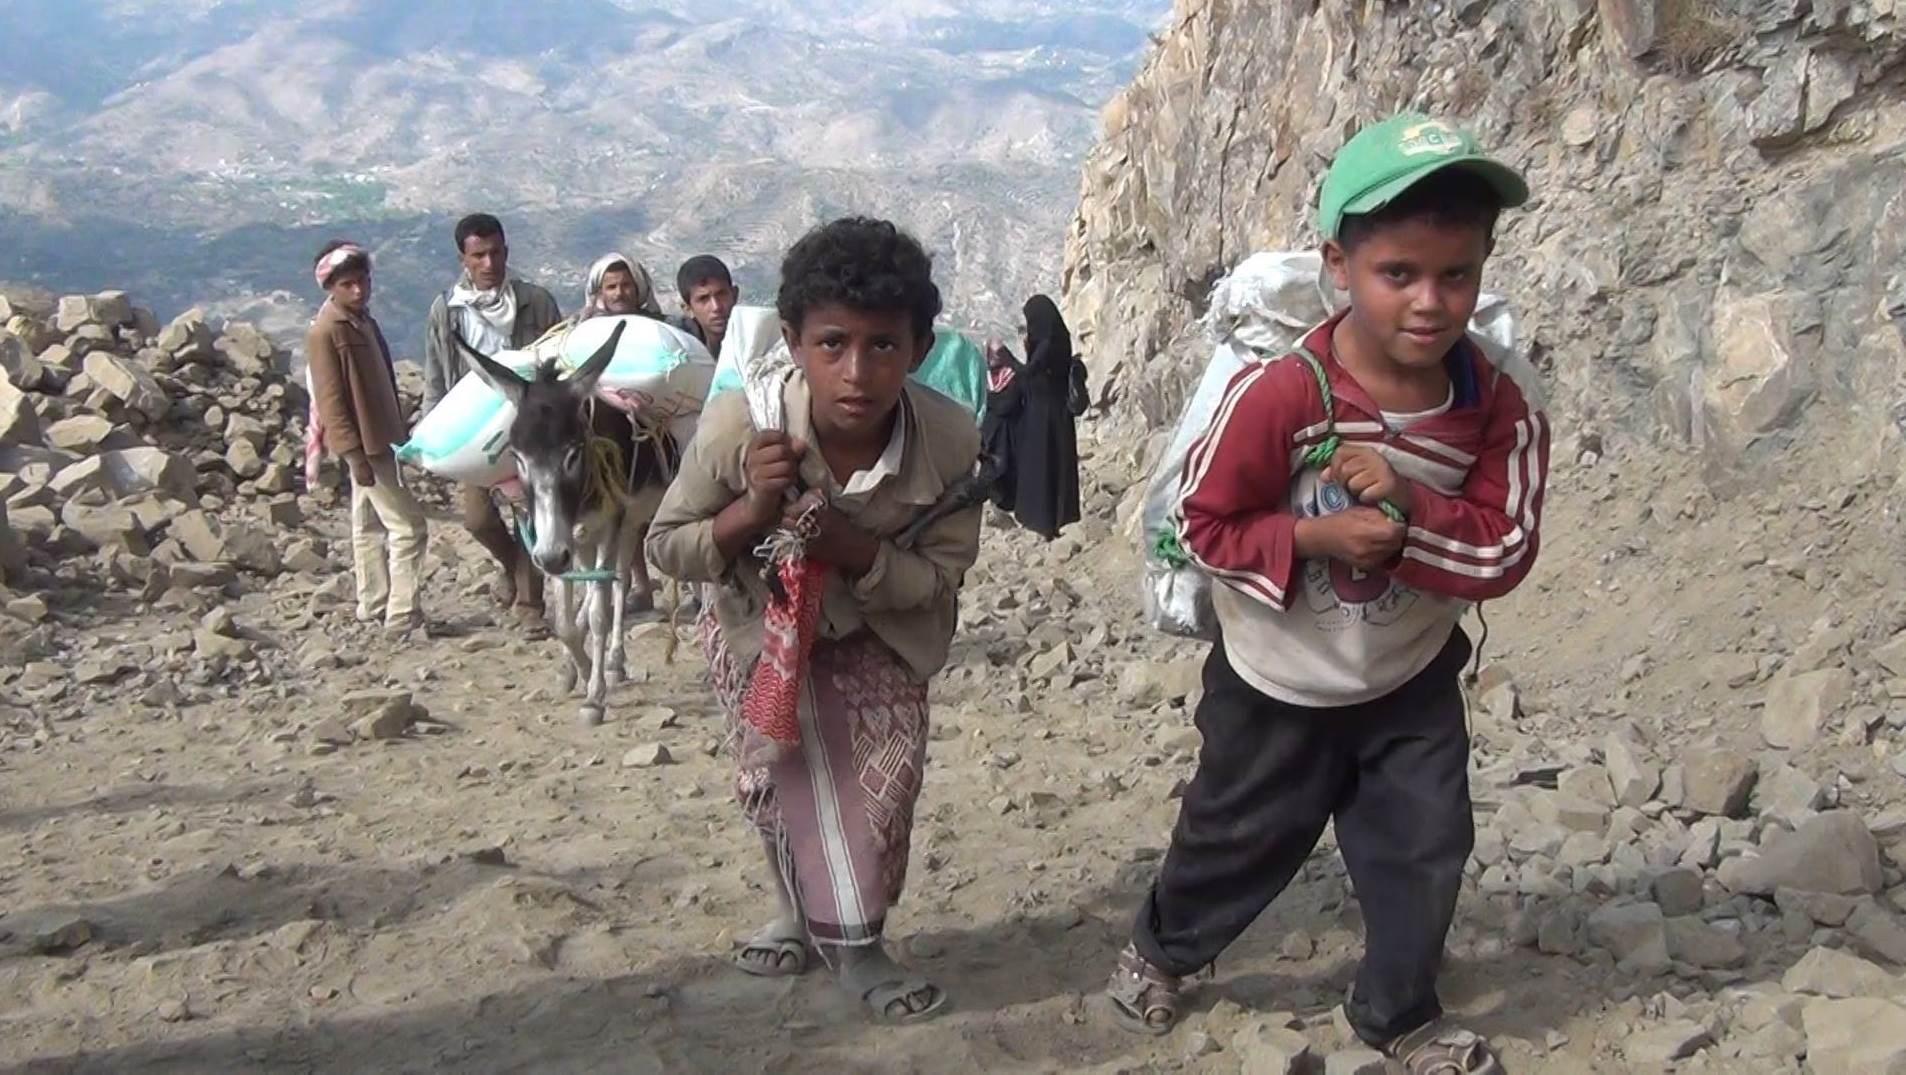 حكومة صنعاء: الأمم المتحدة تمارس حرباً نفسية ضد الشعب اليمني المحاصر